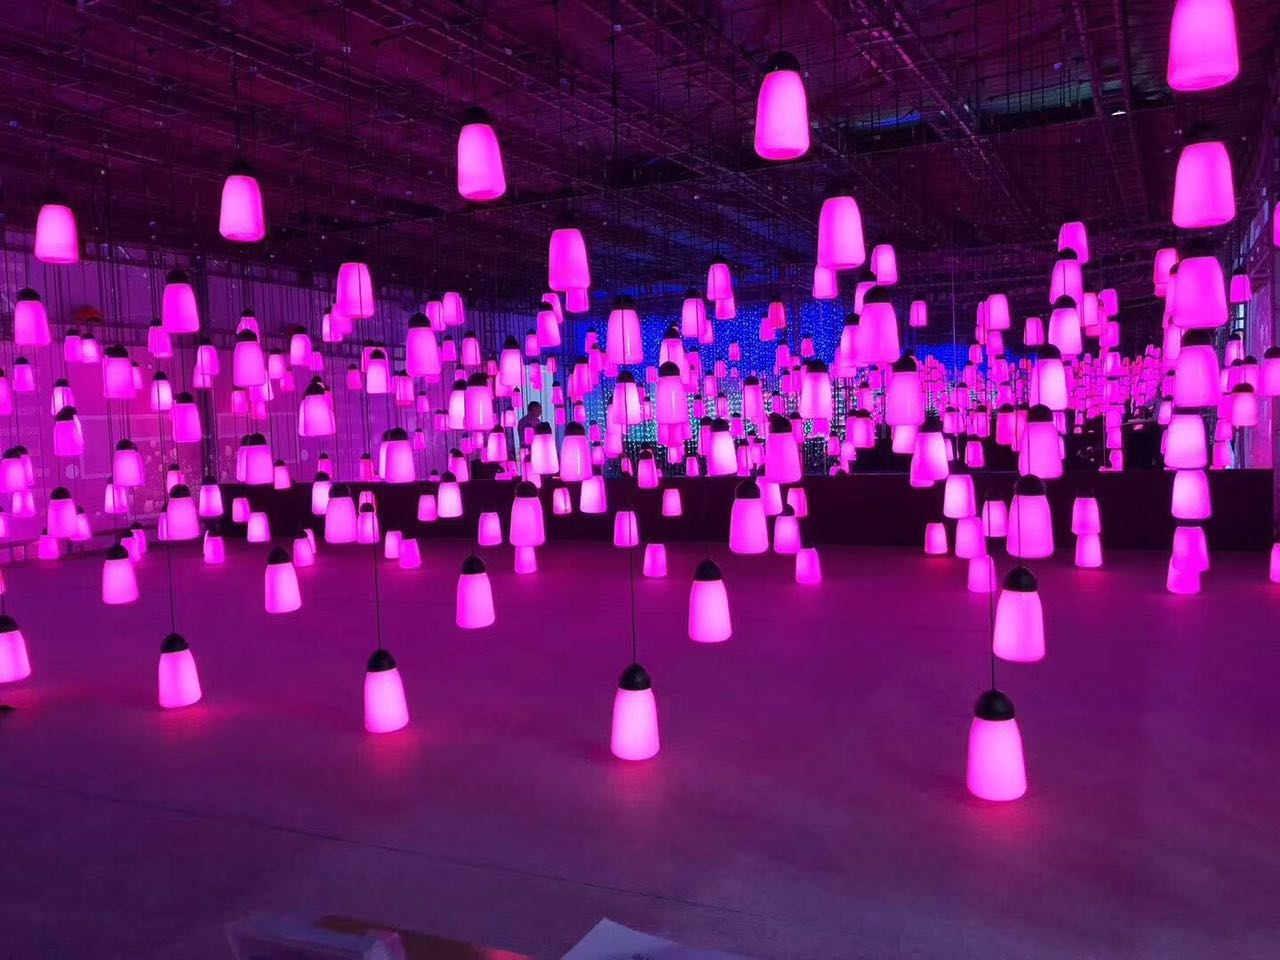 江西呼吸之光出租光影展产品出租灯光艺术装置,光影展产品出租